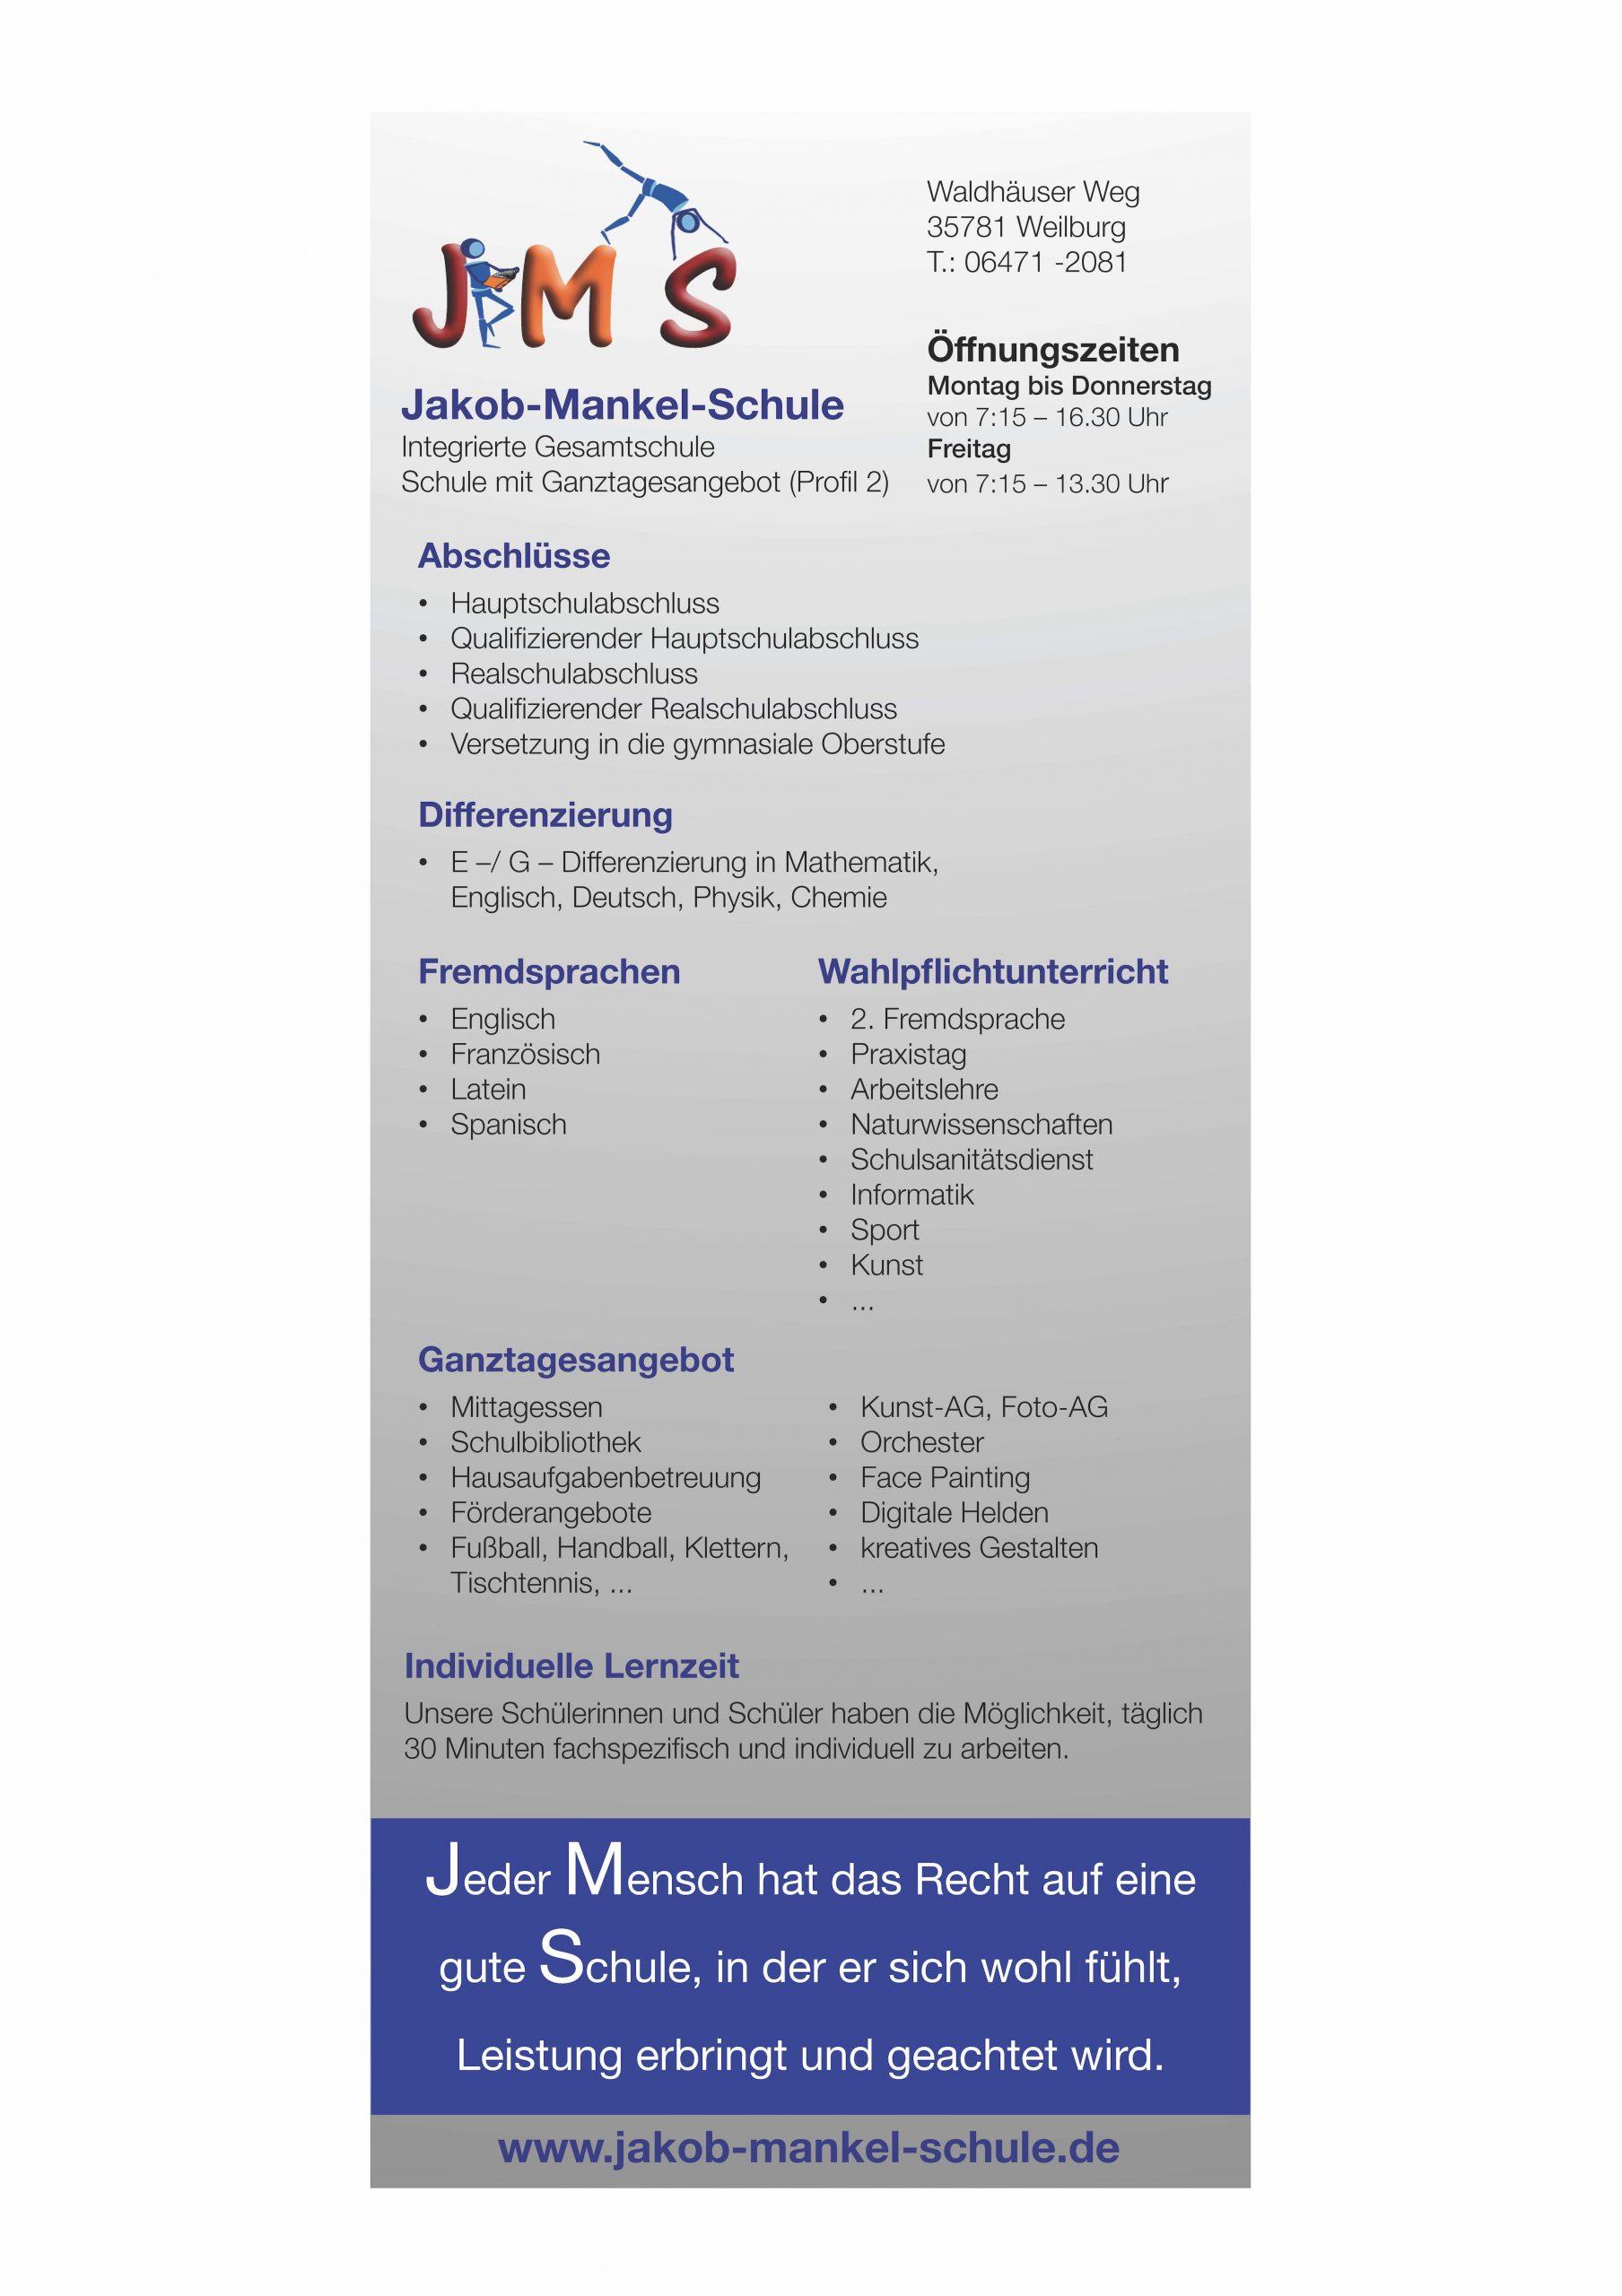 JMS-Rollup-neu